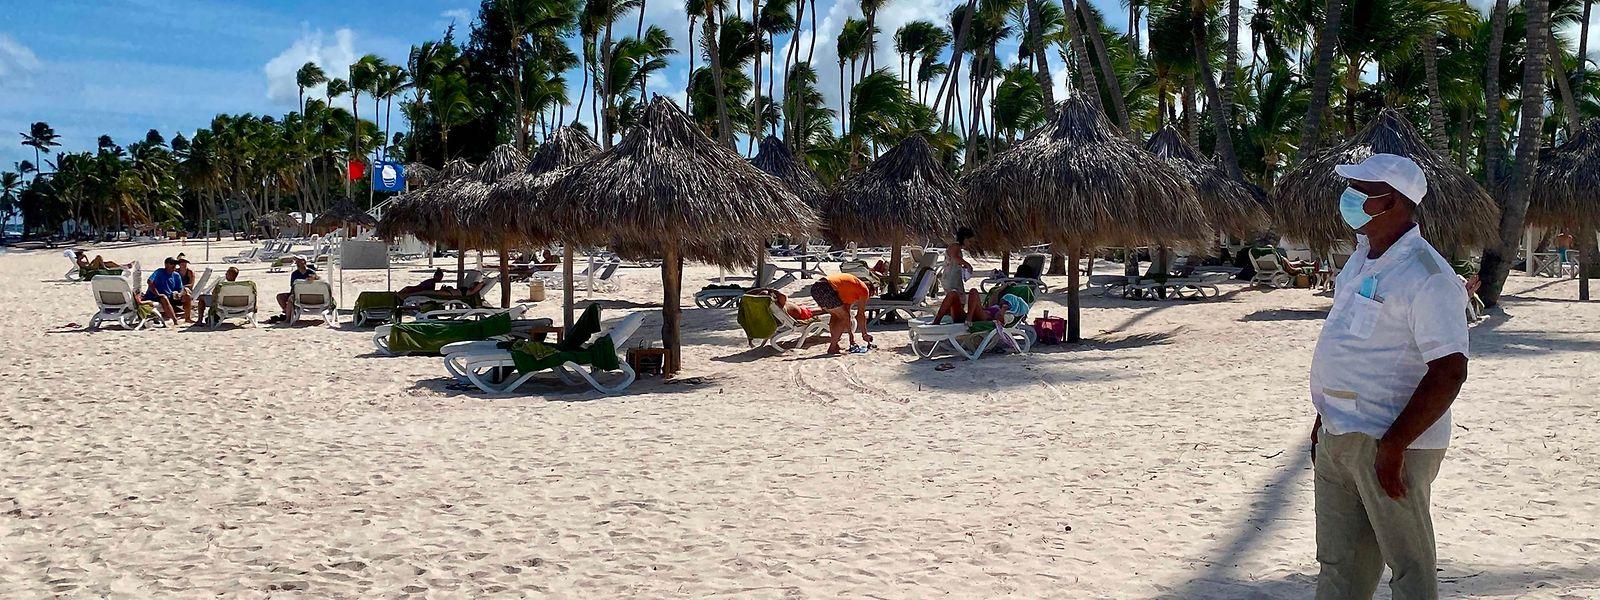 Die Karibikinsel Barbados und Anguilla planen ebenfalls Einreiseerleichterungen für Geimpfte.